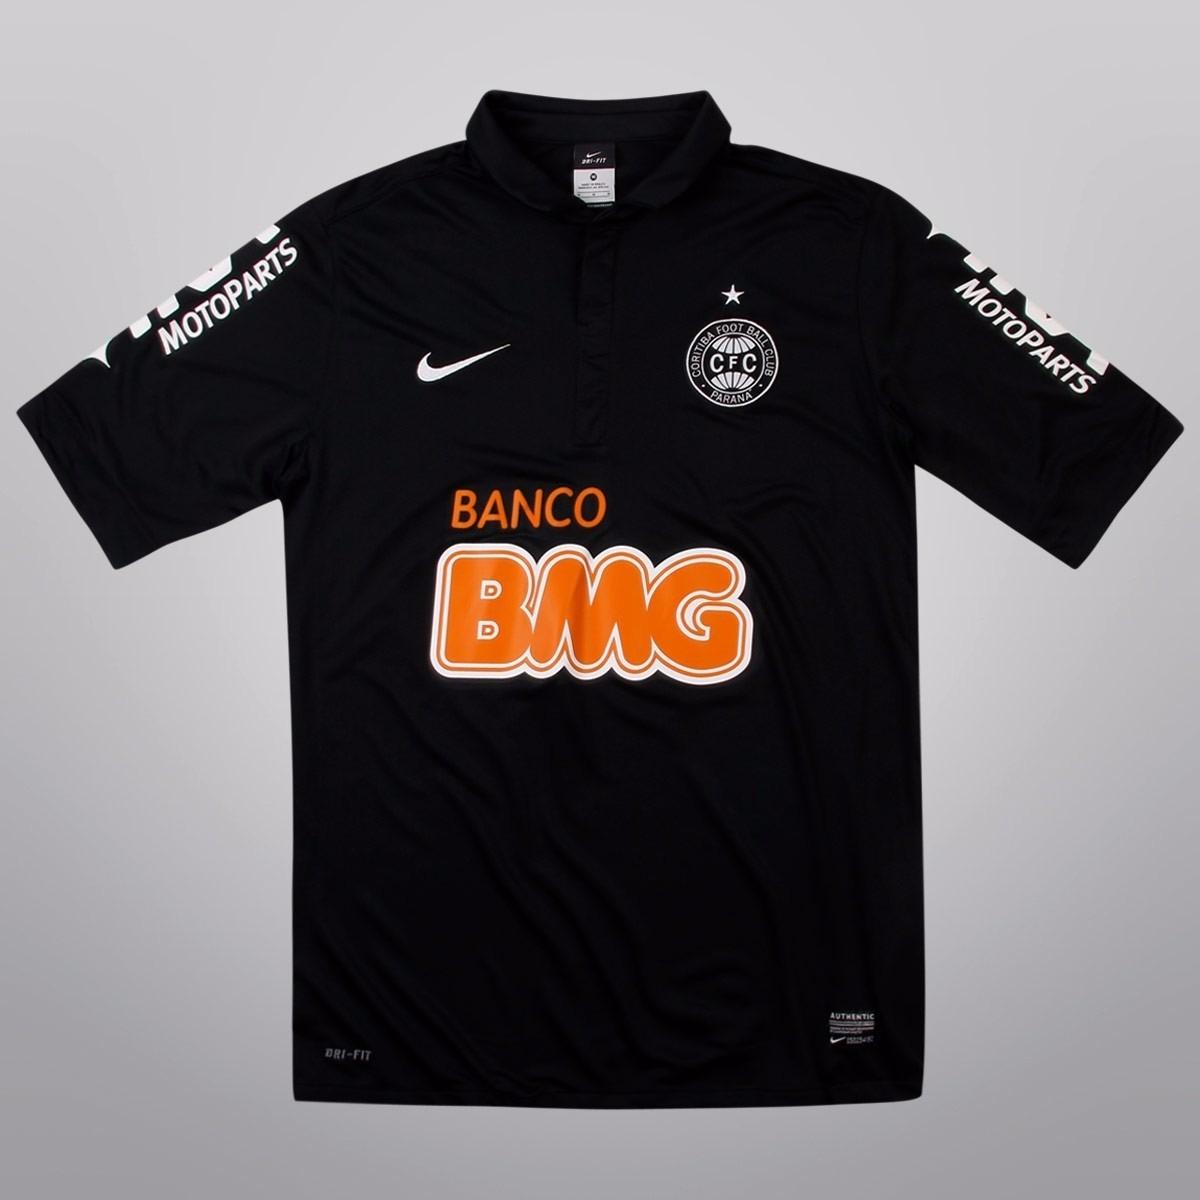 camisa coritiba nike oficial preta 2013 super promoção !!! Carregando zoom. 8ff1759daaadd